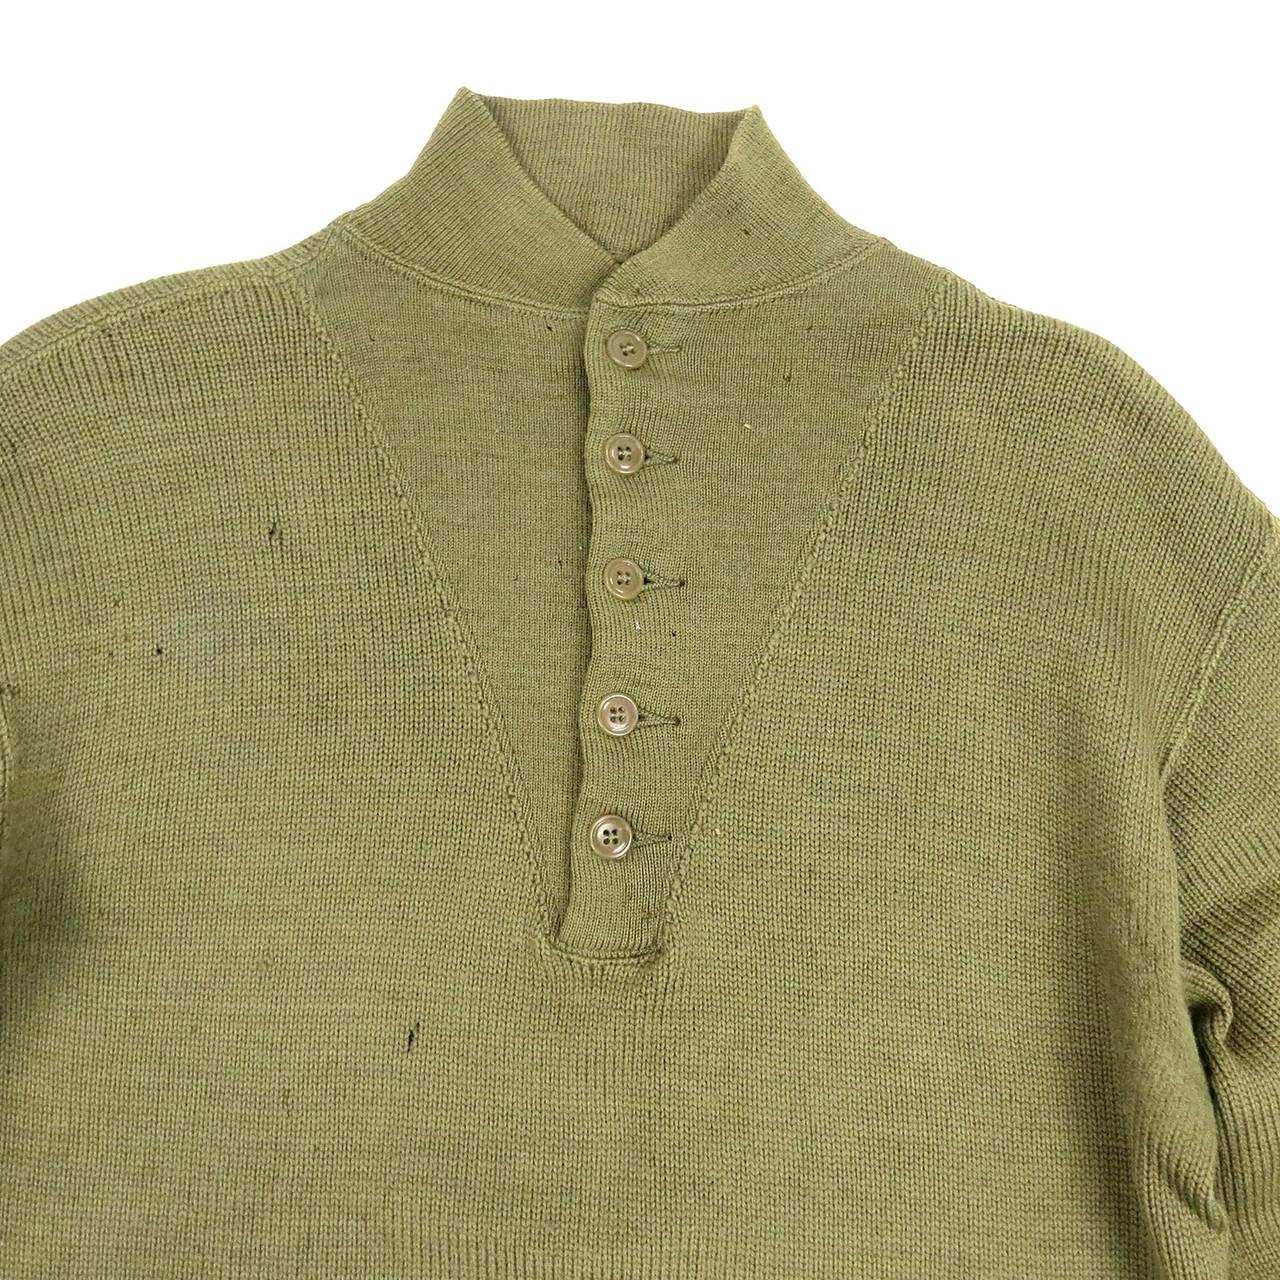 WWII GI Sweater